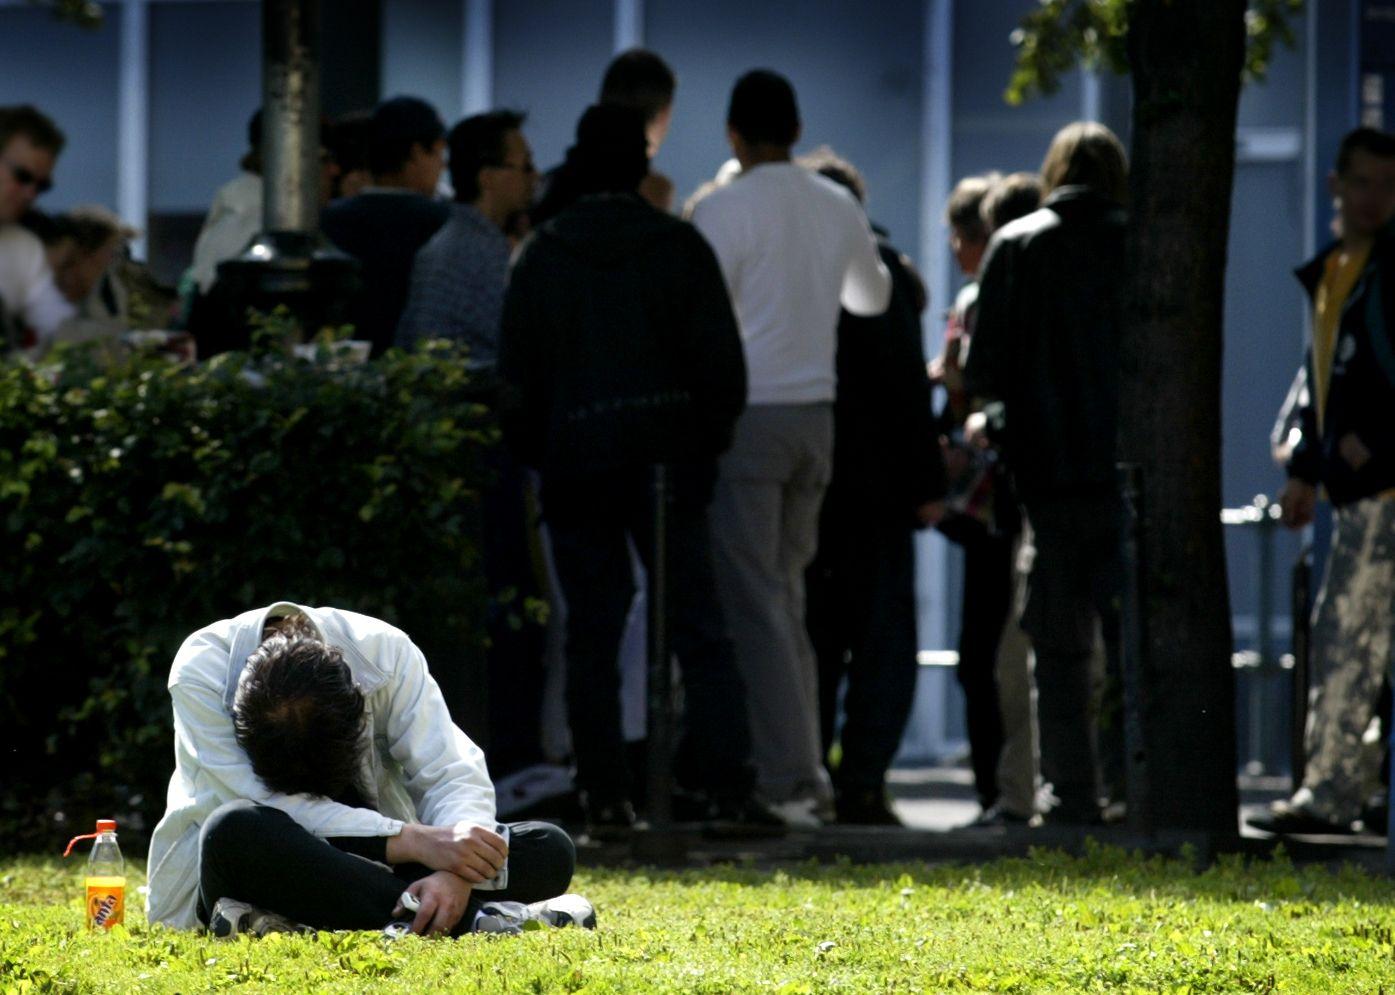 OVERDOSER: Pårørende, venner og kollegaer kan fortelle om søvnløse netter, og den knugende fortvilelsen når en av deres er blitt til et tall i overdosestatistikken, skriver Kari Lossius.